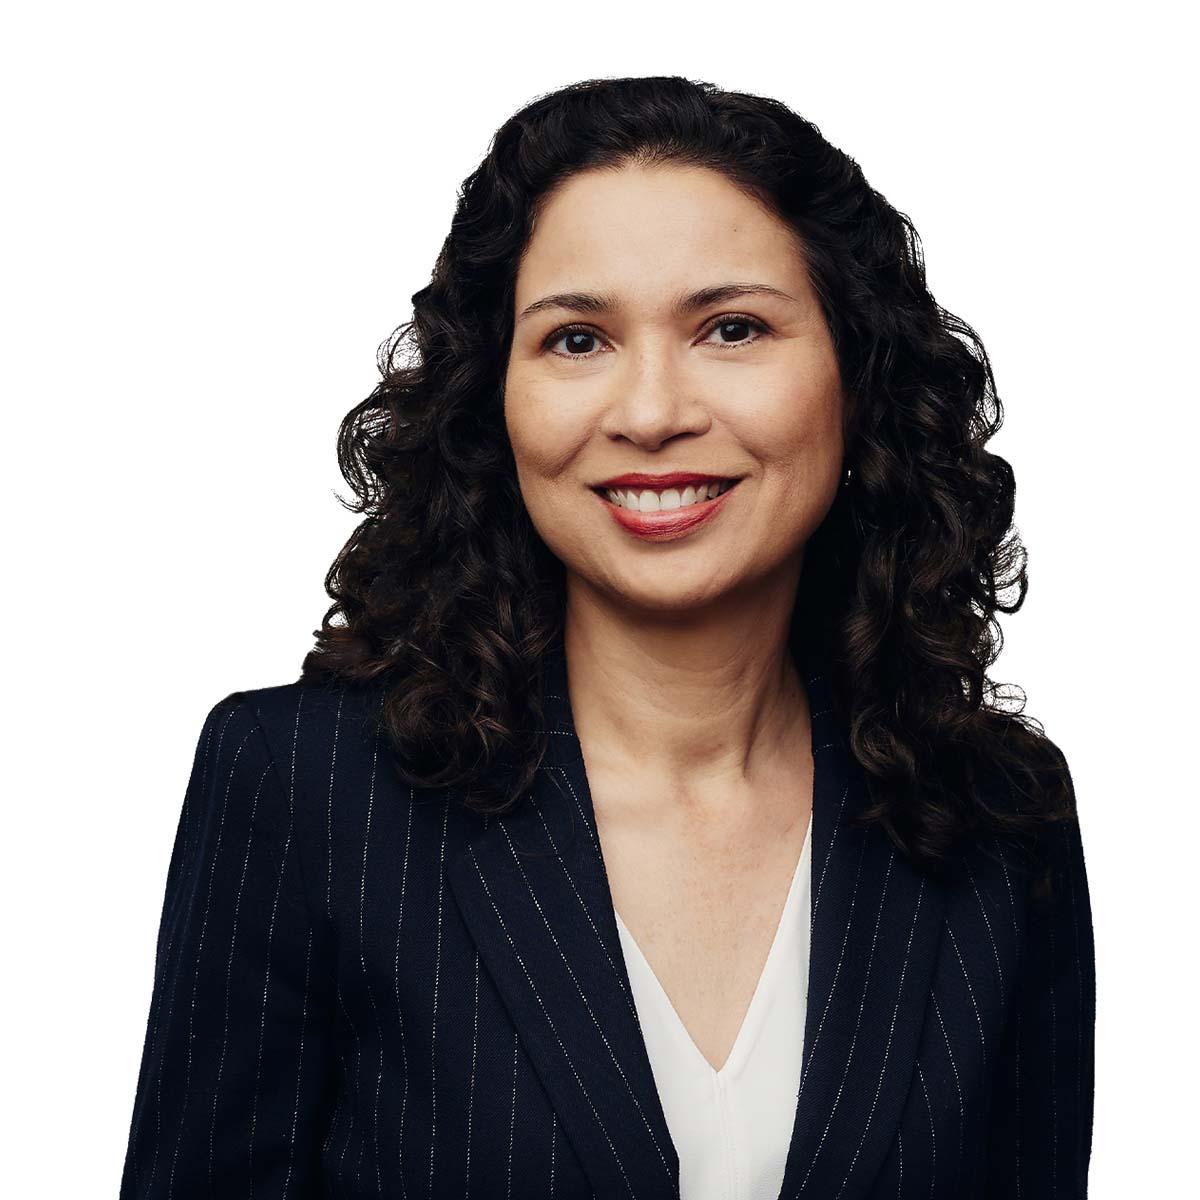 Monique McAlister